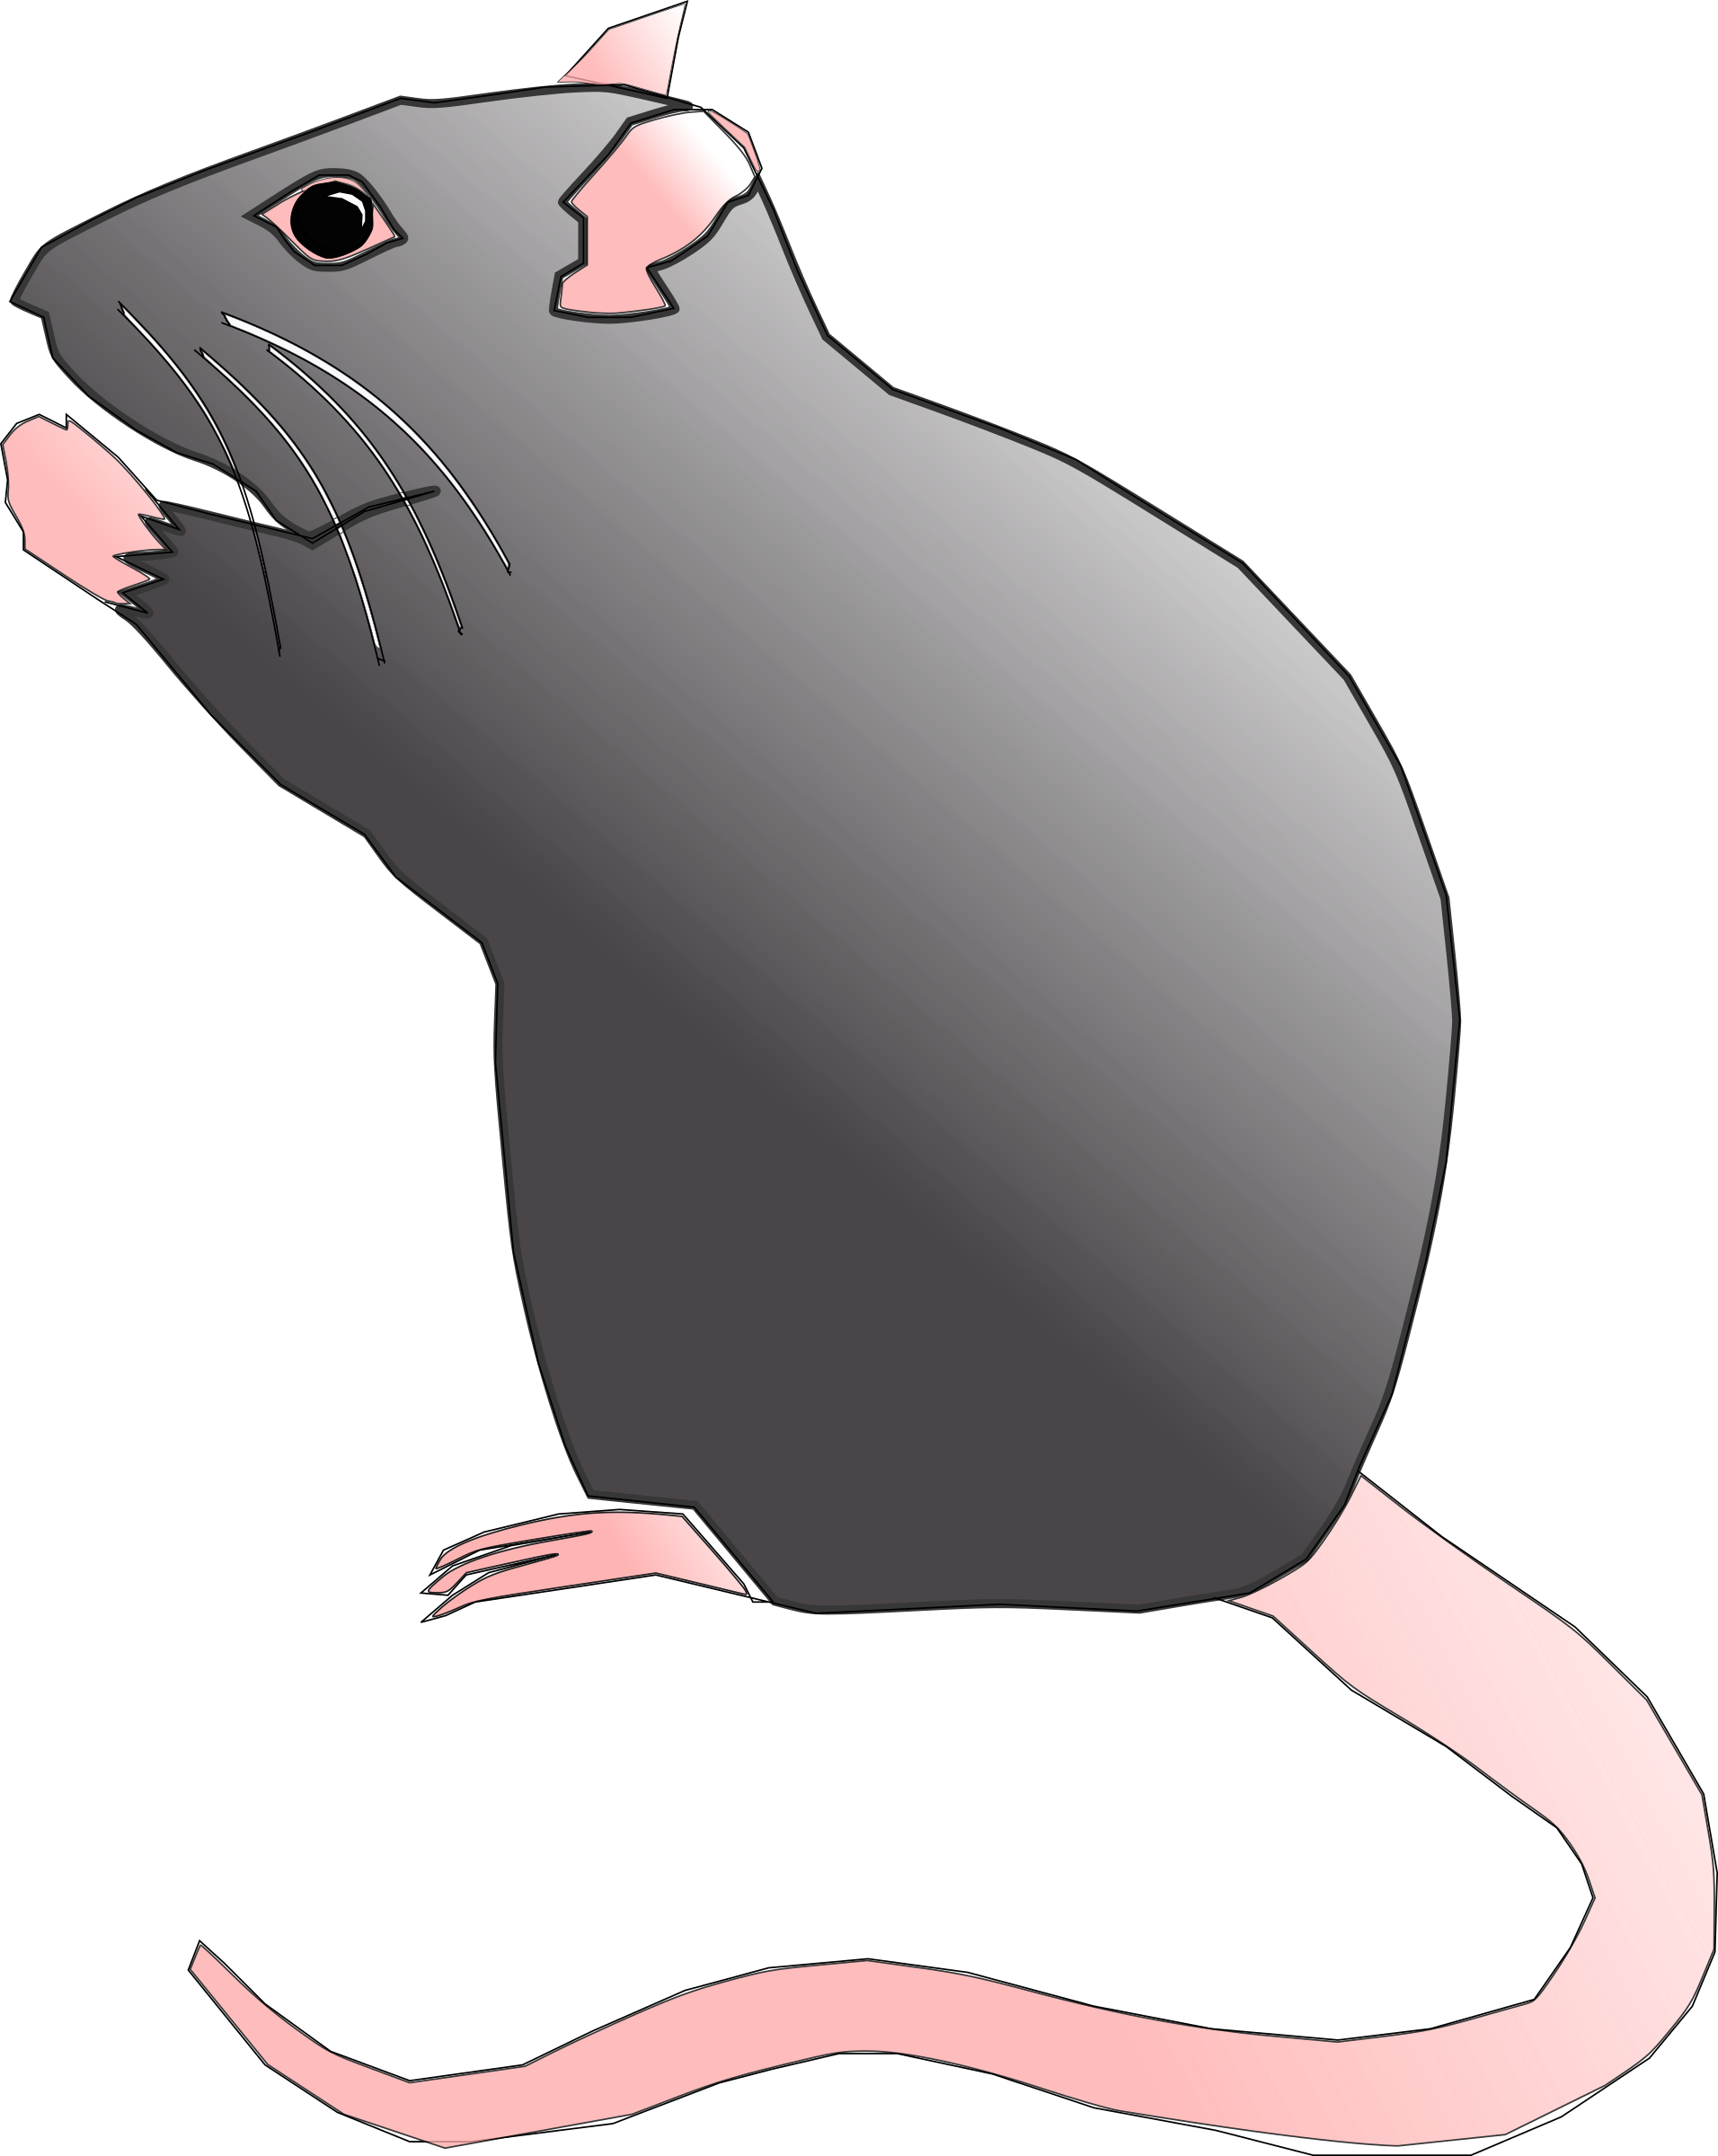 Ratx image png. Rat clipart big rat